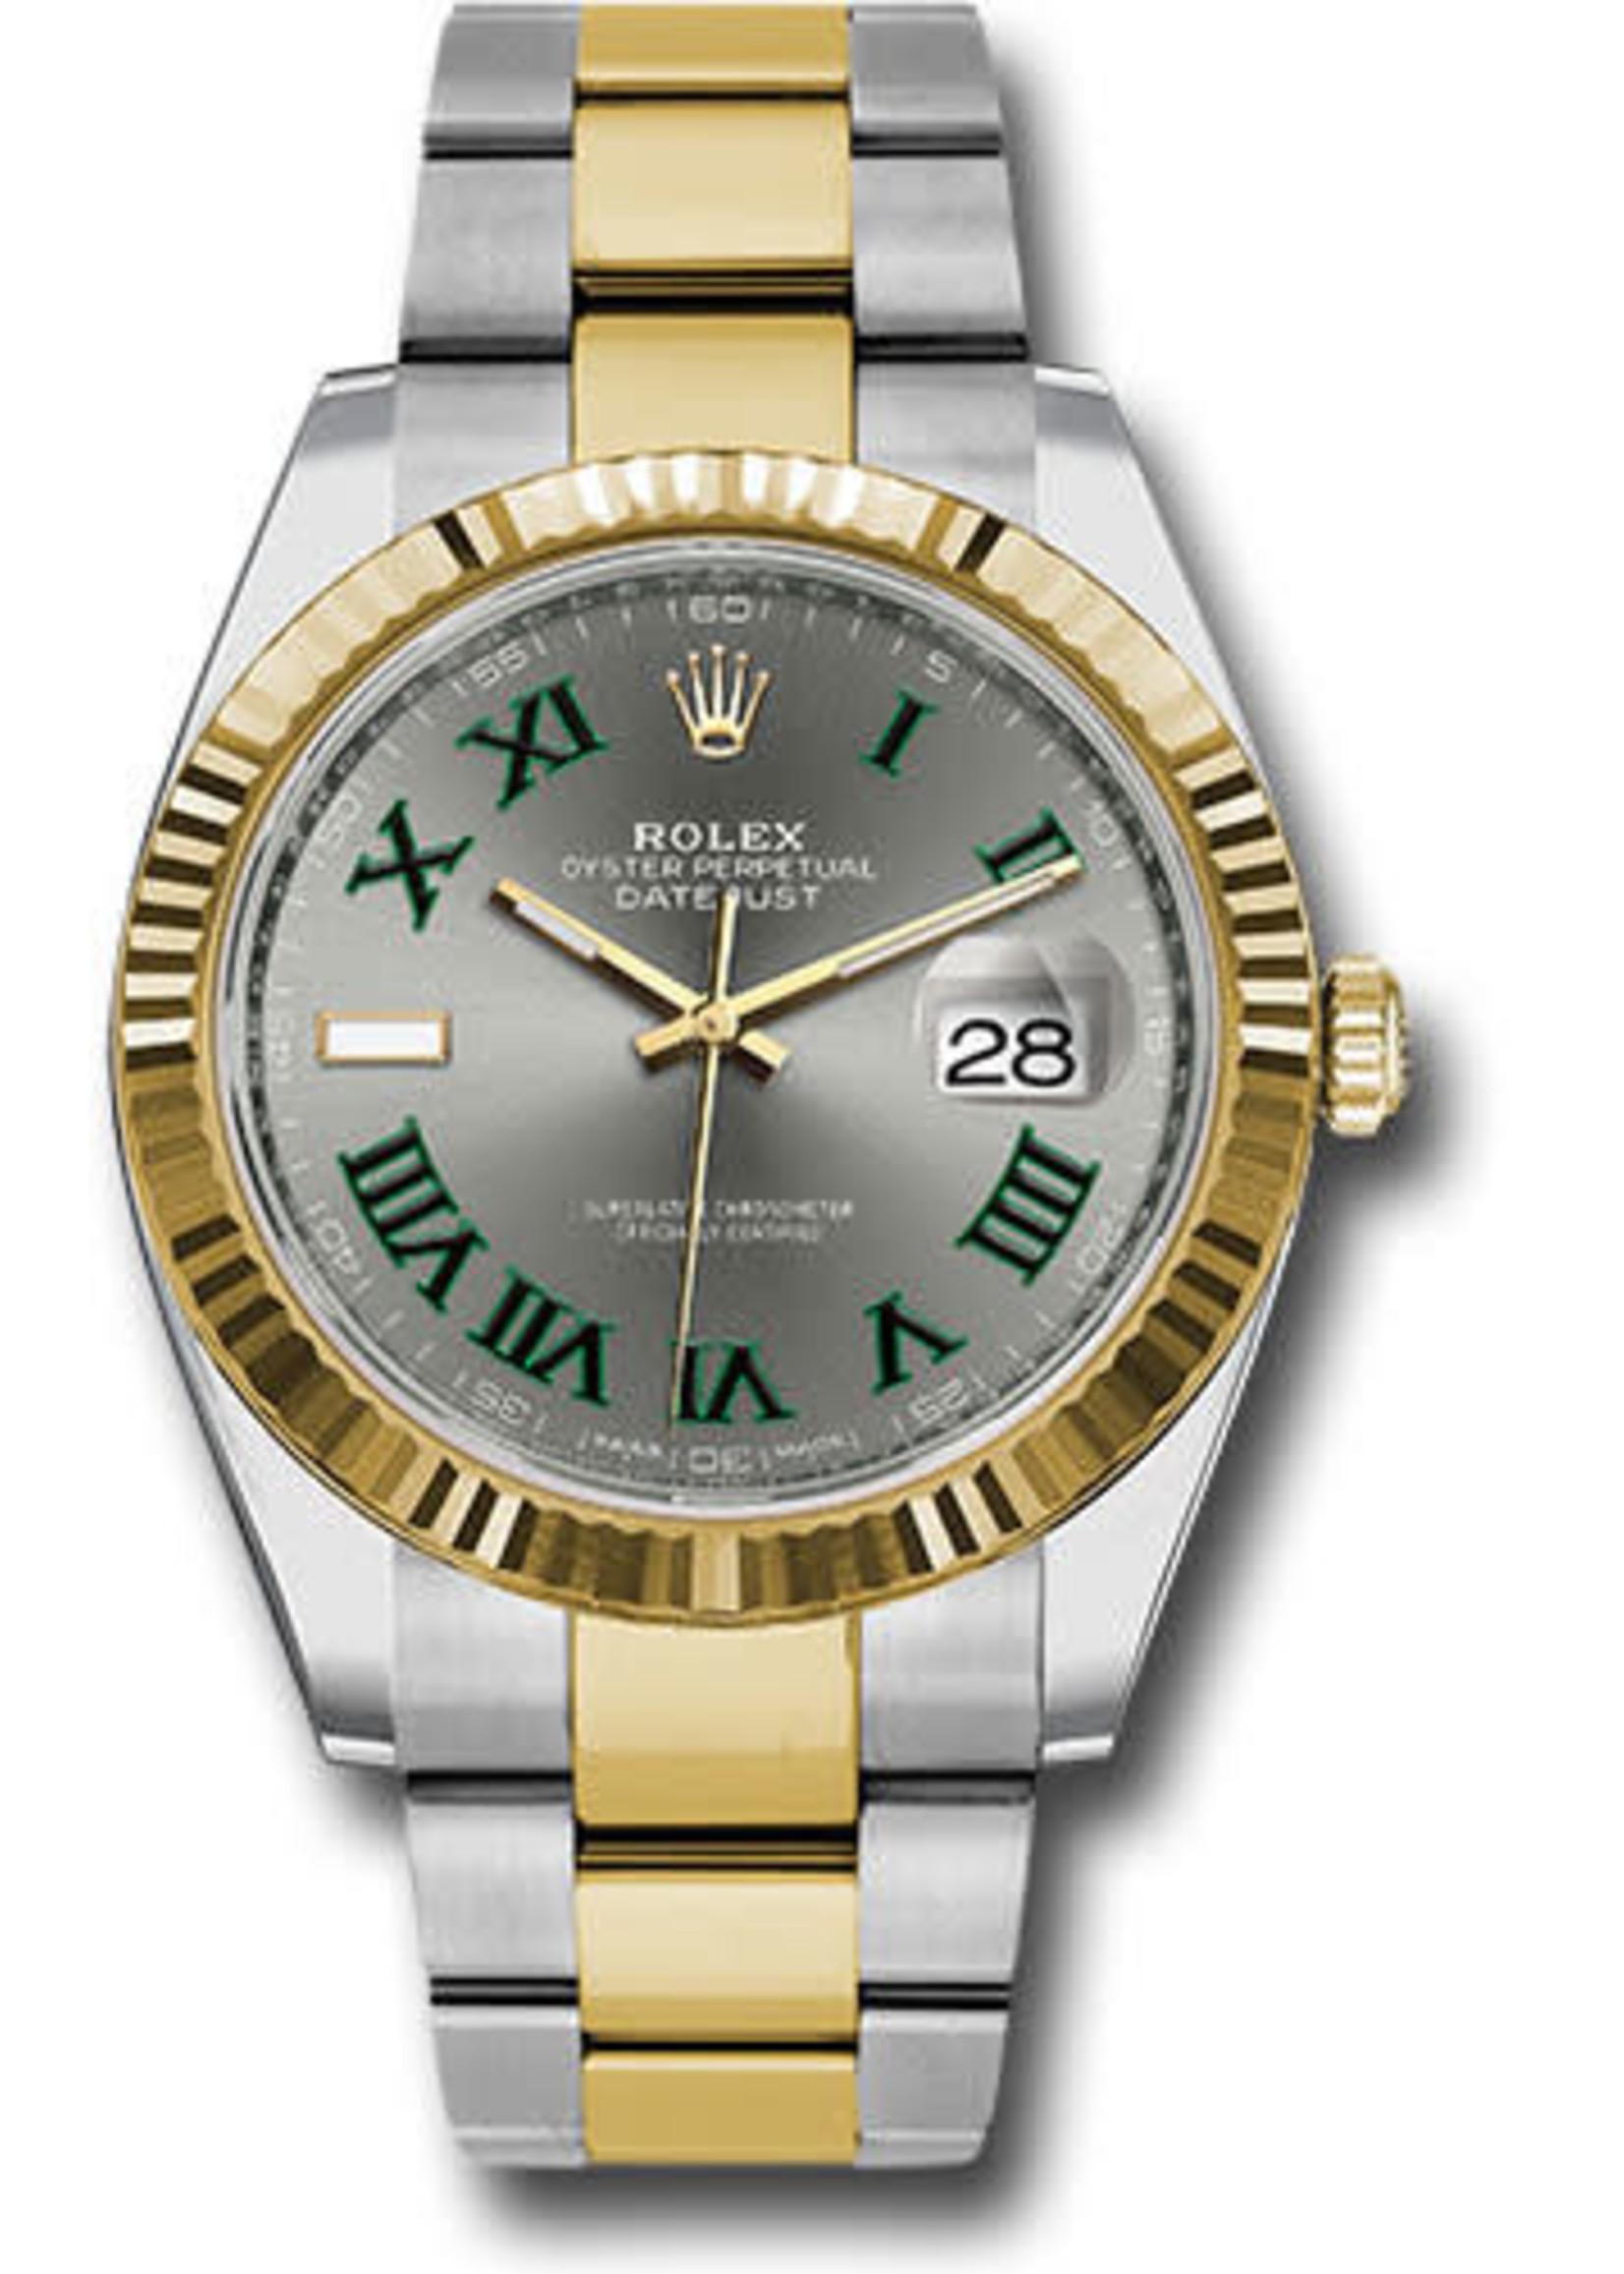 Rolex ROLEX DATEJUST 41MM STEEL & YELLOW GOLD #126333